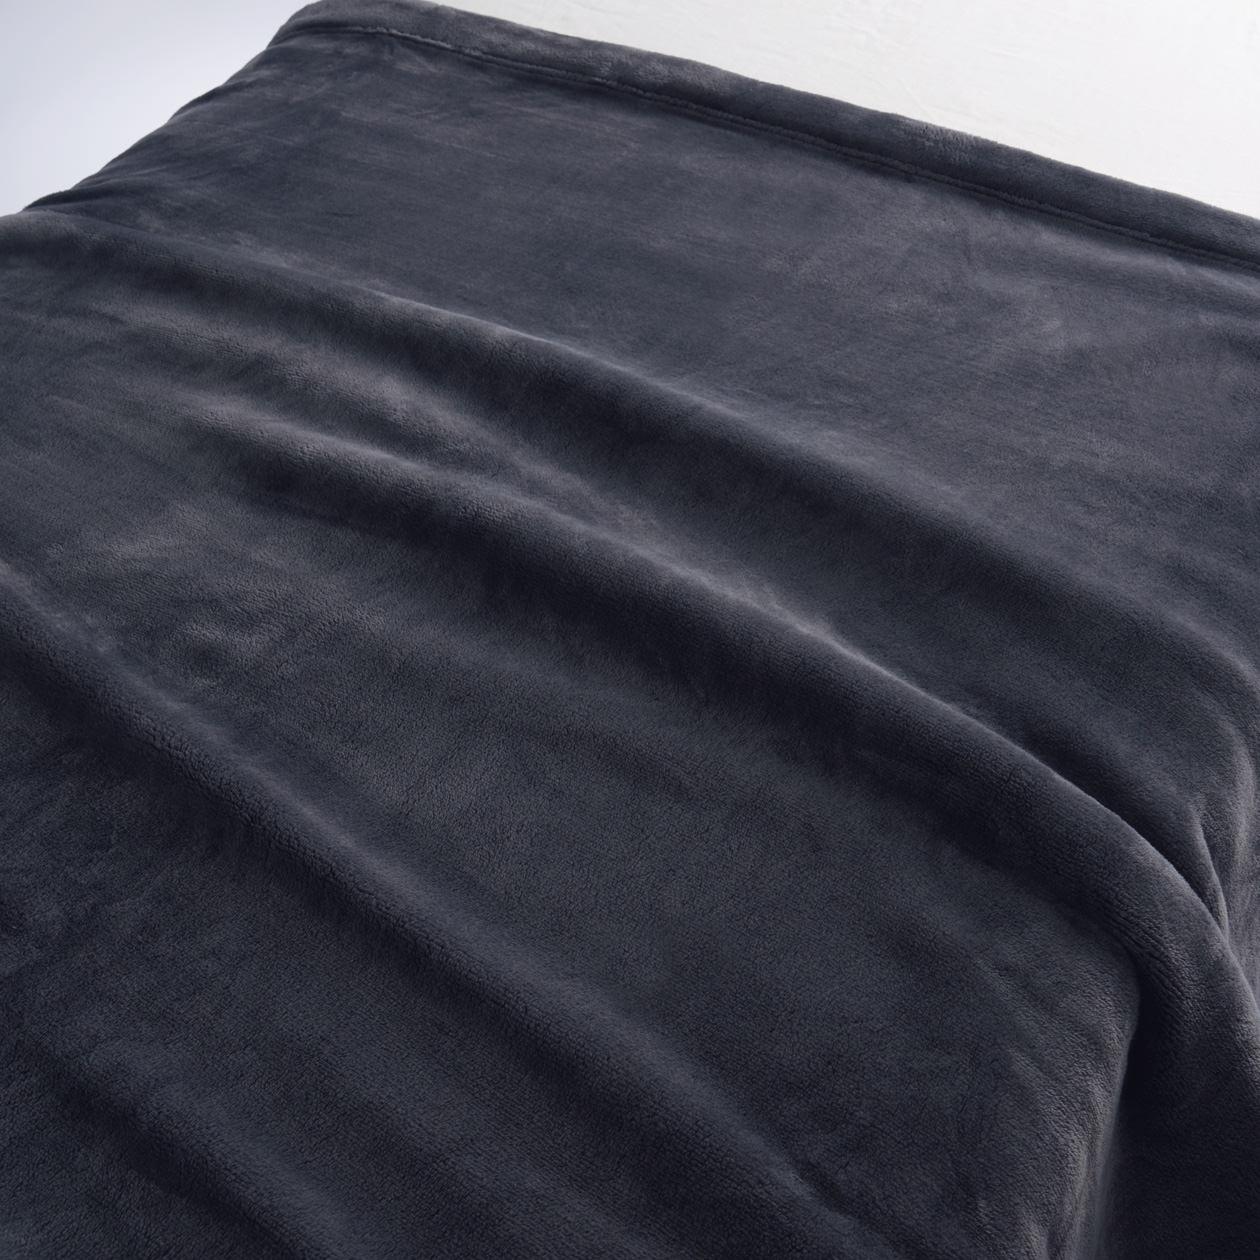 あたたかファイバー厚手毛布・S/チャコール